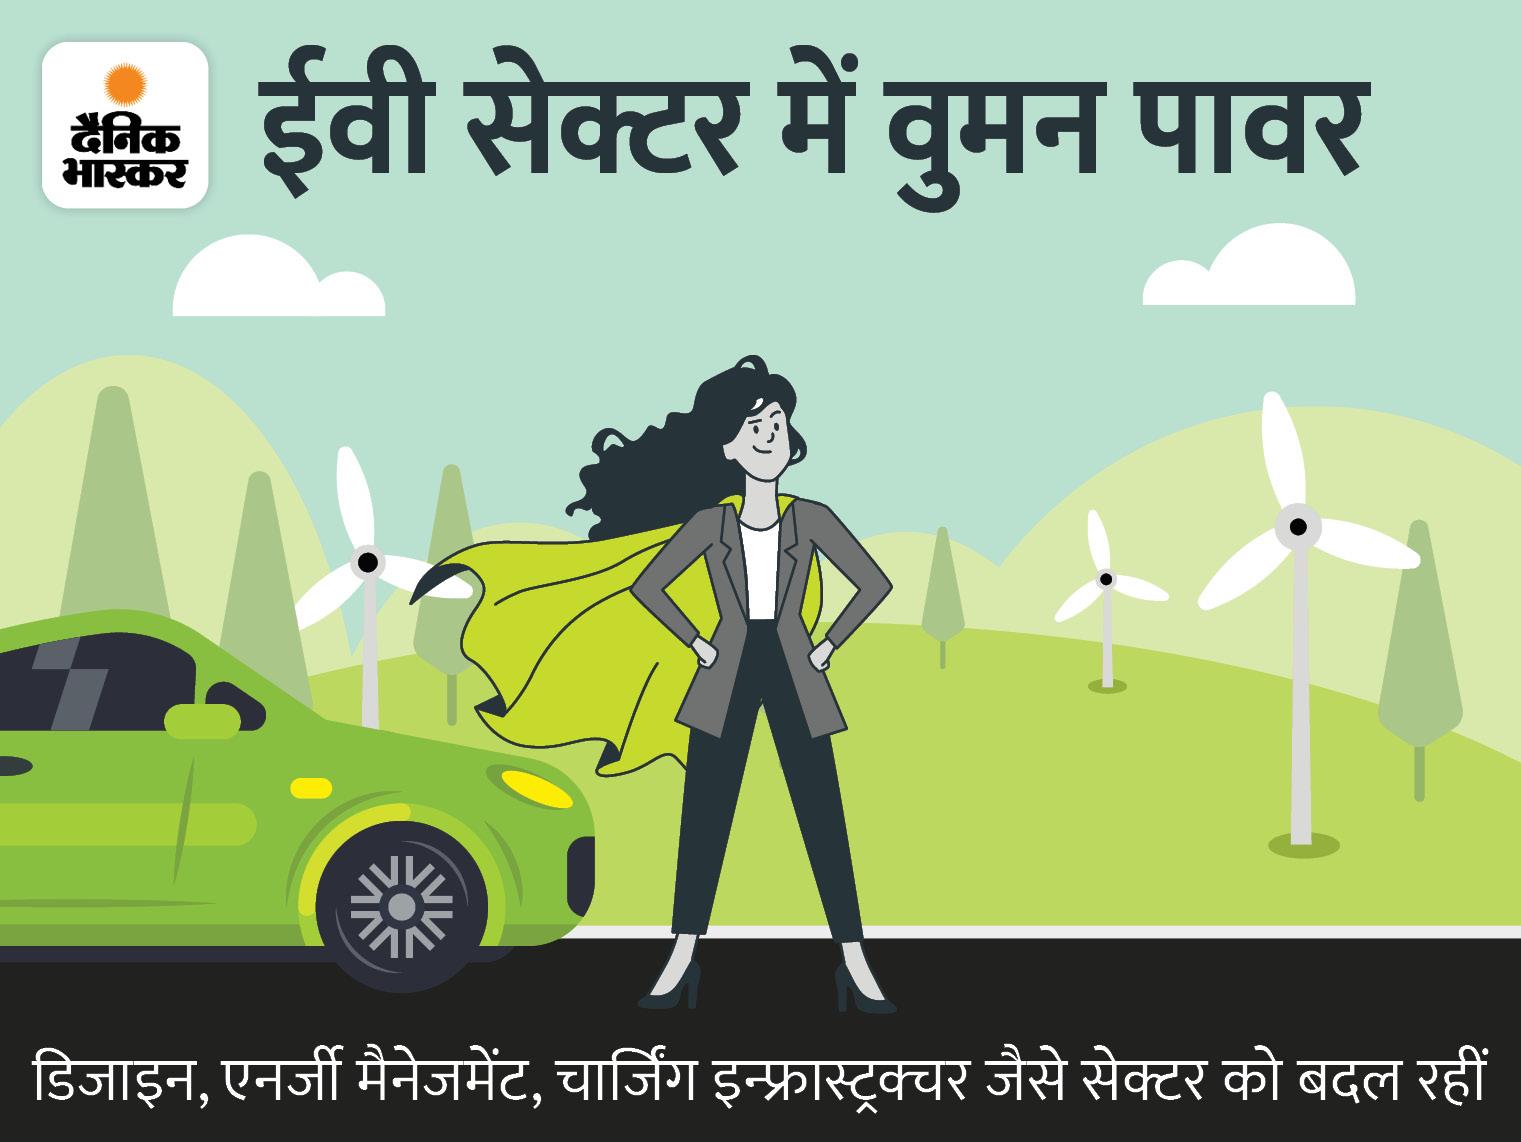 6 महिलाएं ईवी सेक्टर में बदल रहीं देश की तस्वीर, इसके अलग-अलग सेक्टर में निभा रहीं अहम भूमिका|टेक & ऑटो,Tech & Auto - Dainik Bhaskar